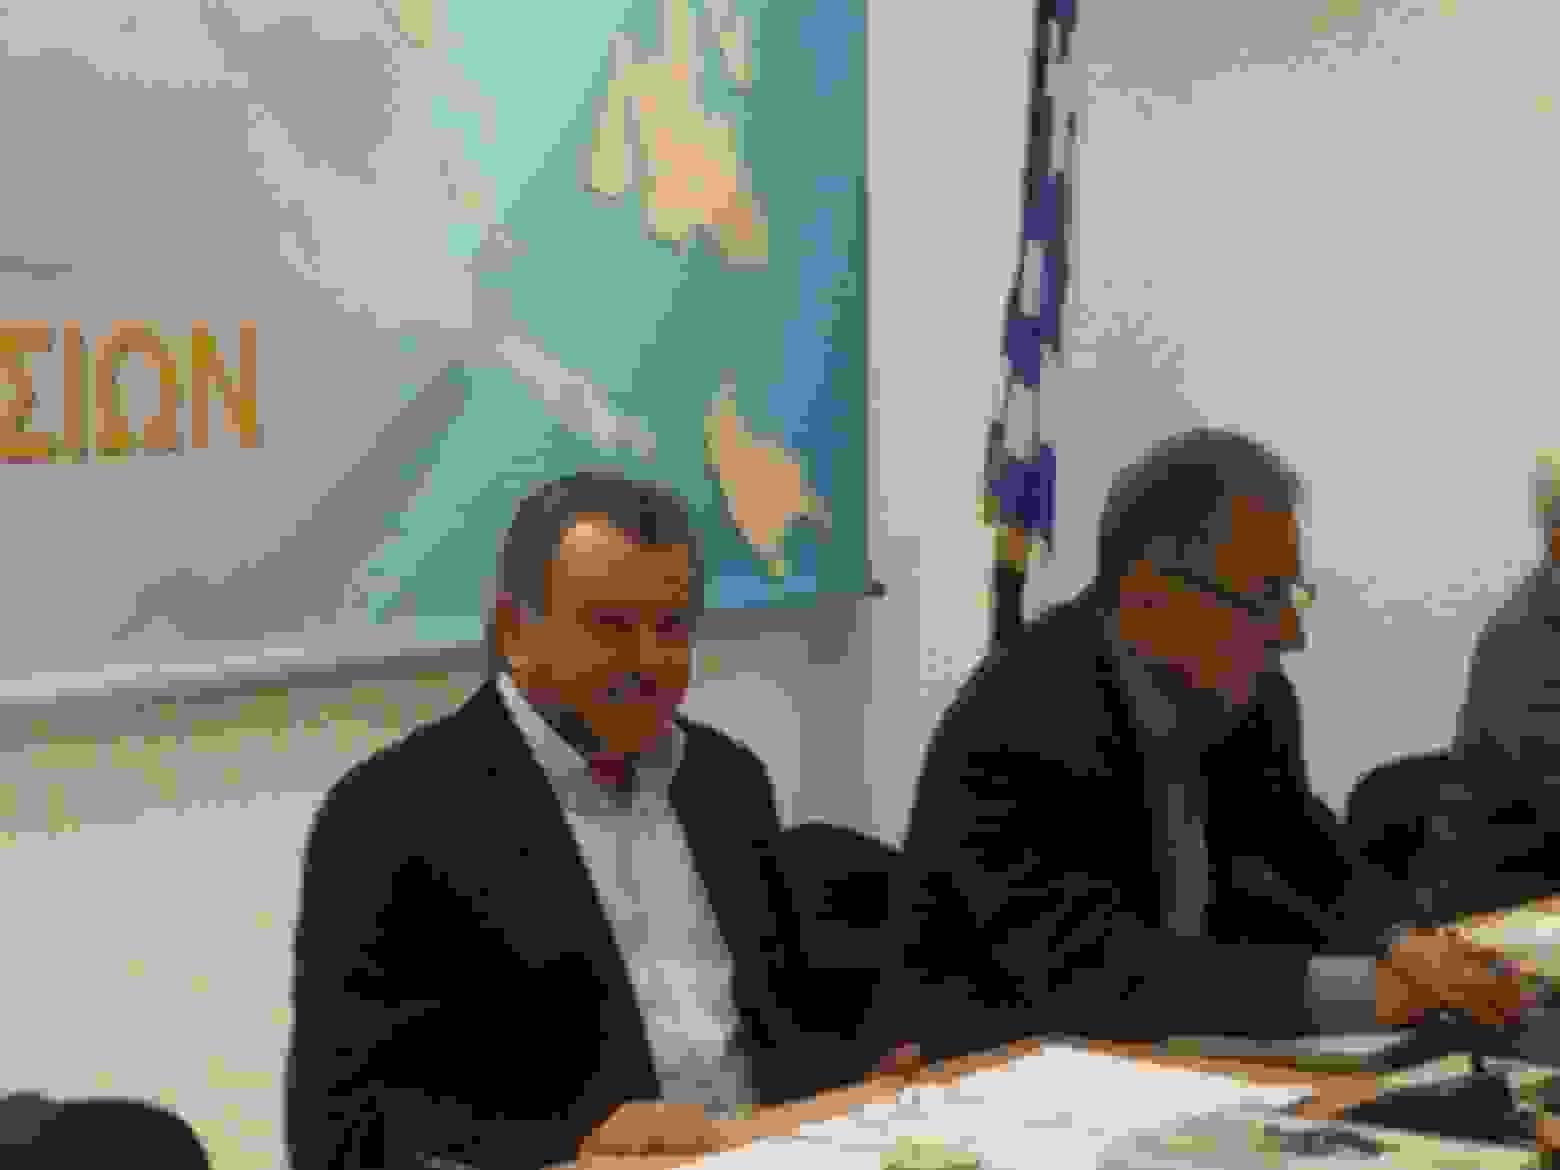 58 επικουρικοί και αγροτικοί γιατροί υποστηρίζονται από την Περιφέρεια Ιονίων Νήσων